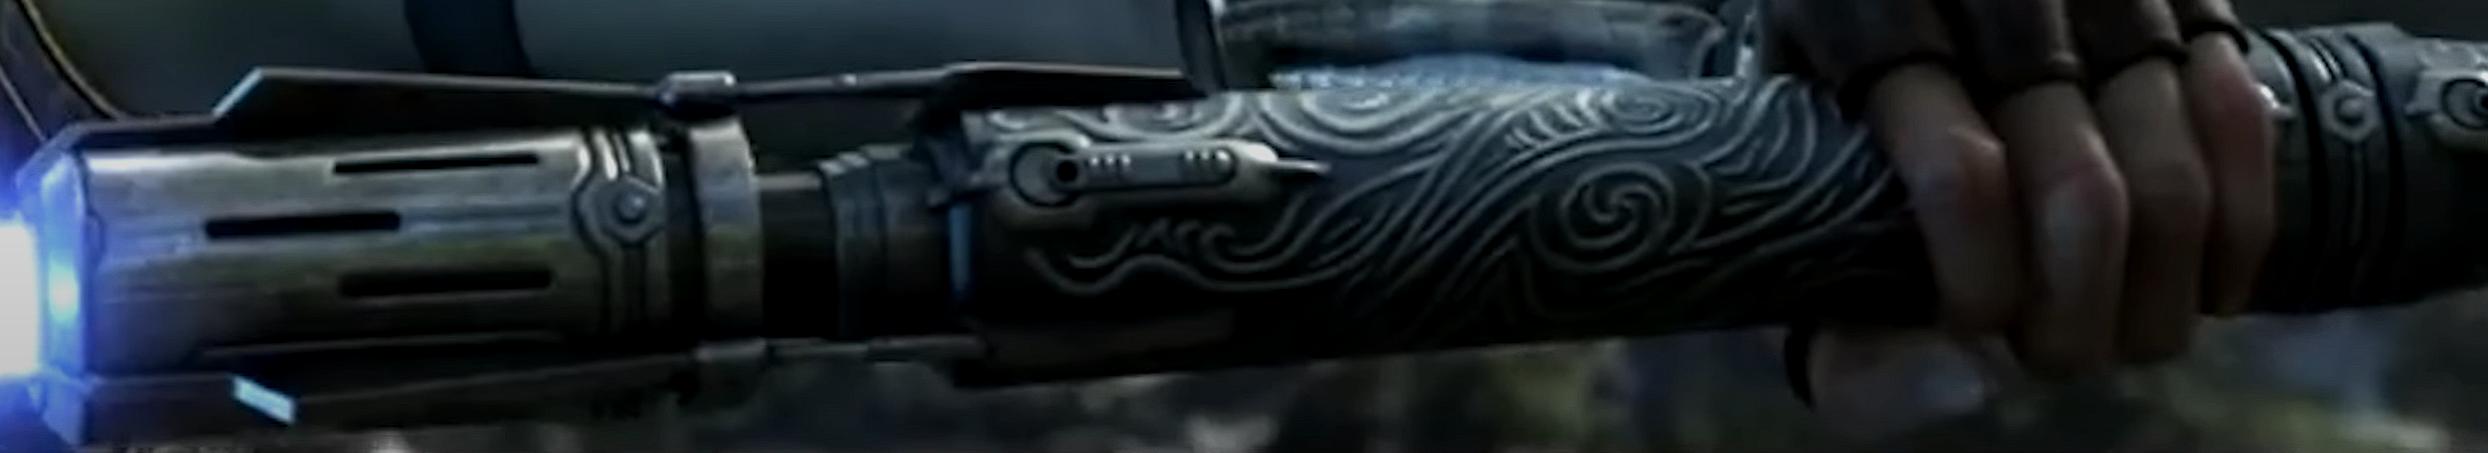 Satele Shans zweites Doppelklingen-Lichtschwert